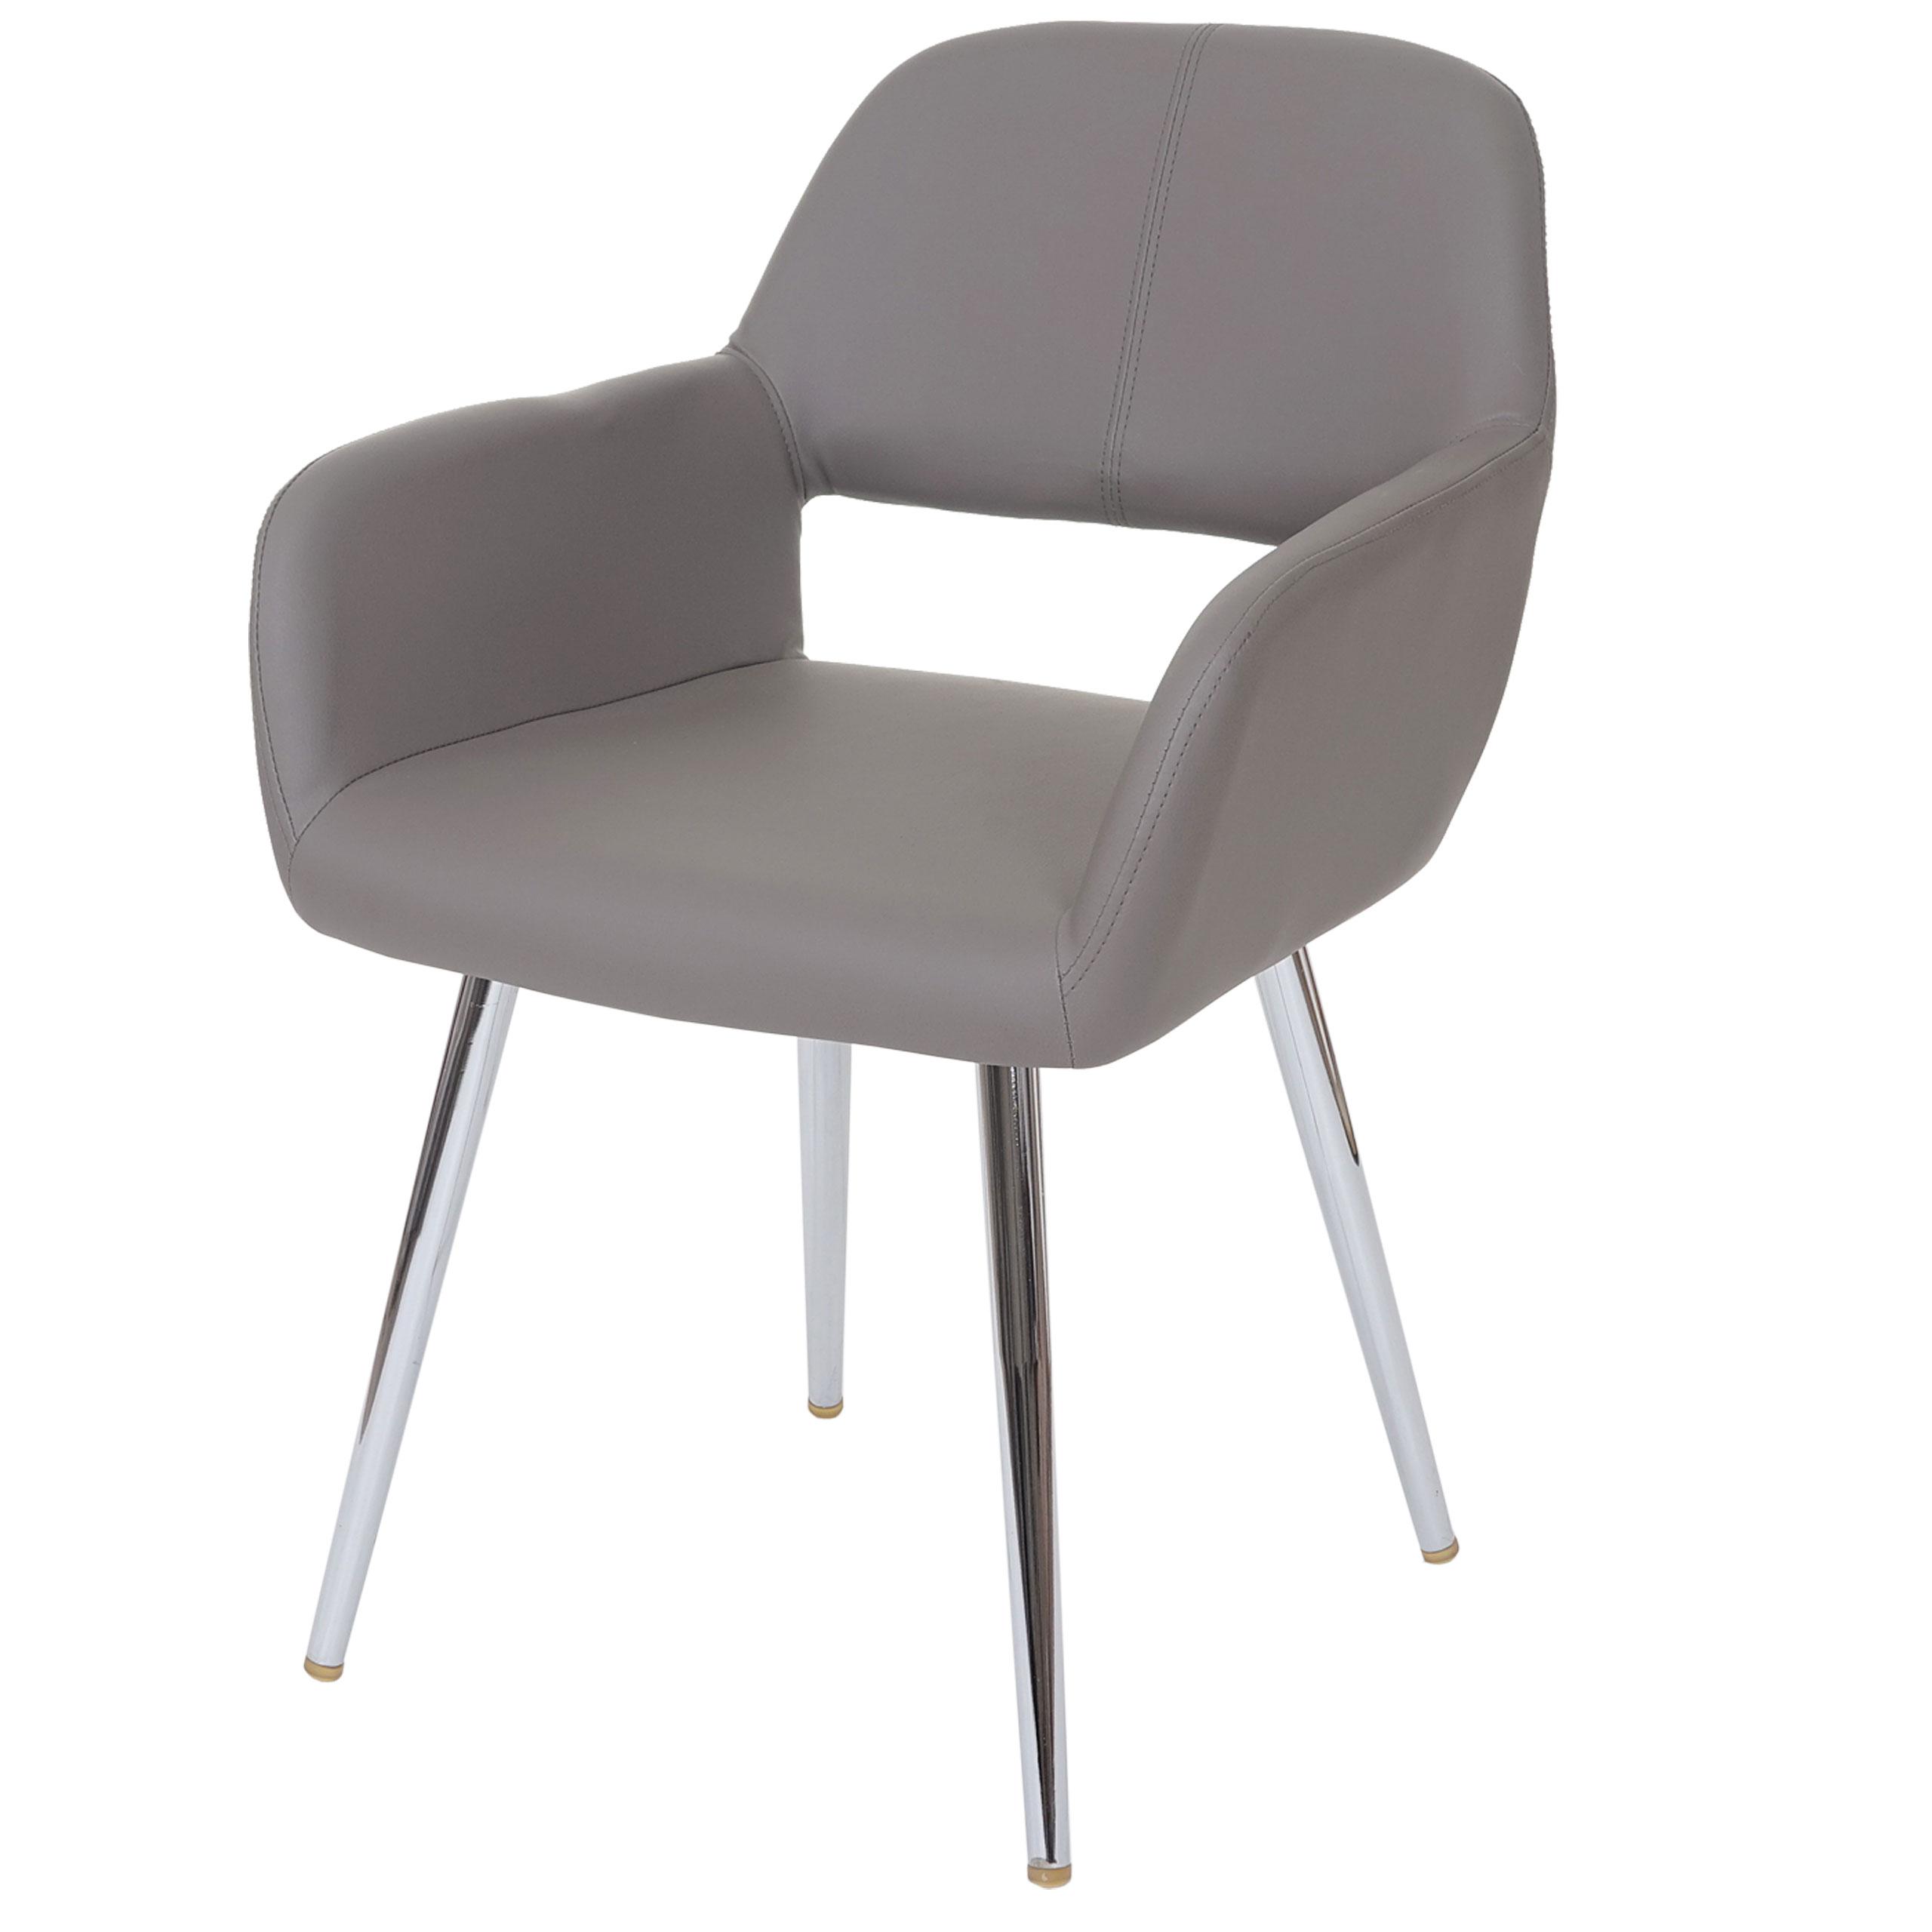 Esszimmerstuhl altena stuhl lehnstuhl retro design - Stuhle retro design ...